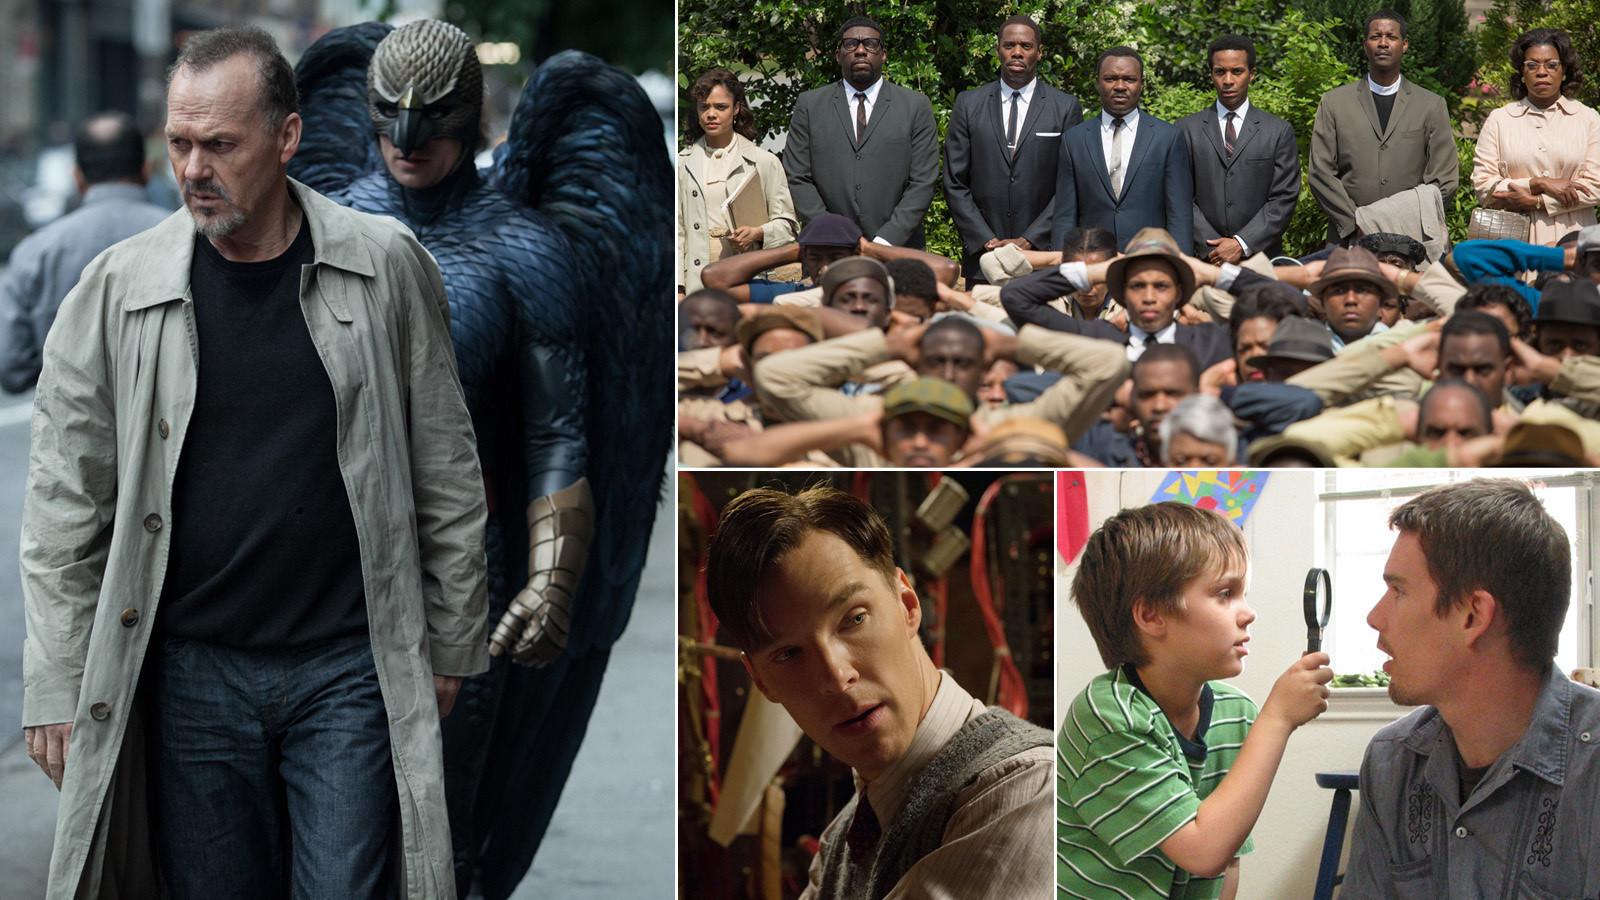 """Em sentido horário: o líder em indicações """"Birdman"""", o   azarão sólido """"Selma"""", o celebrado """"Boyhood"""" e o inglês tradicional """"O jogo da imitação"""" (Foto: montagem sobre reprodução)"""